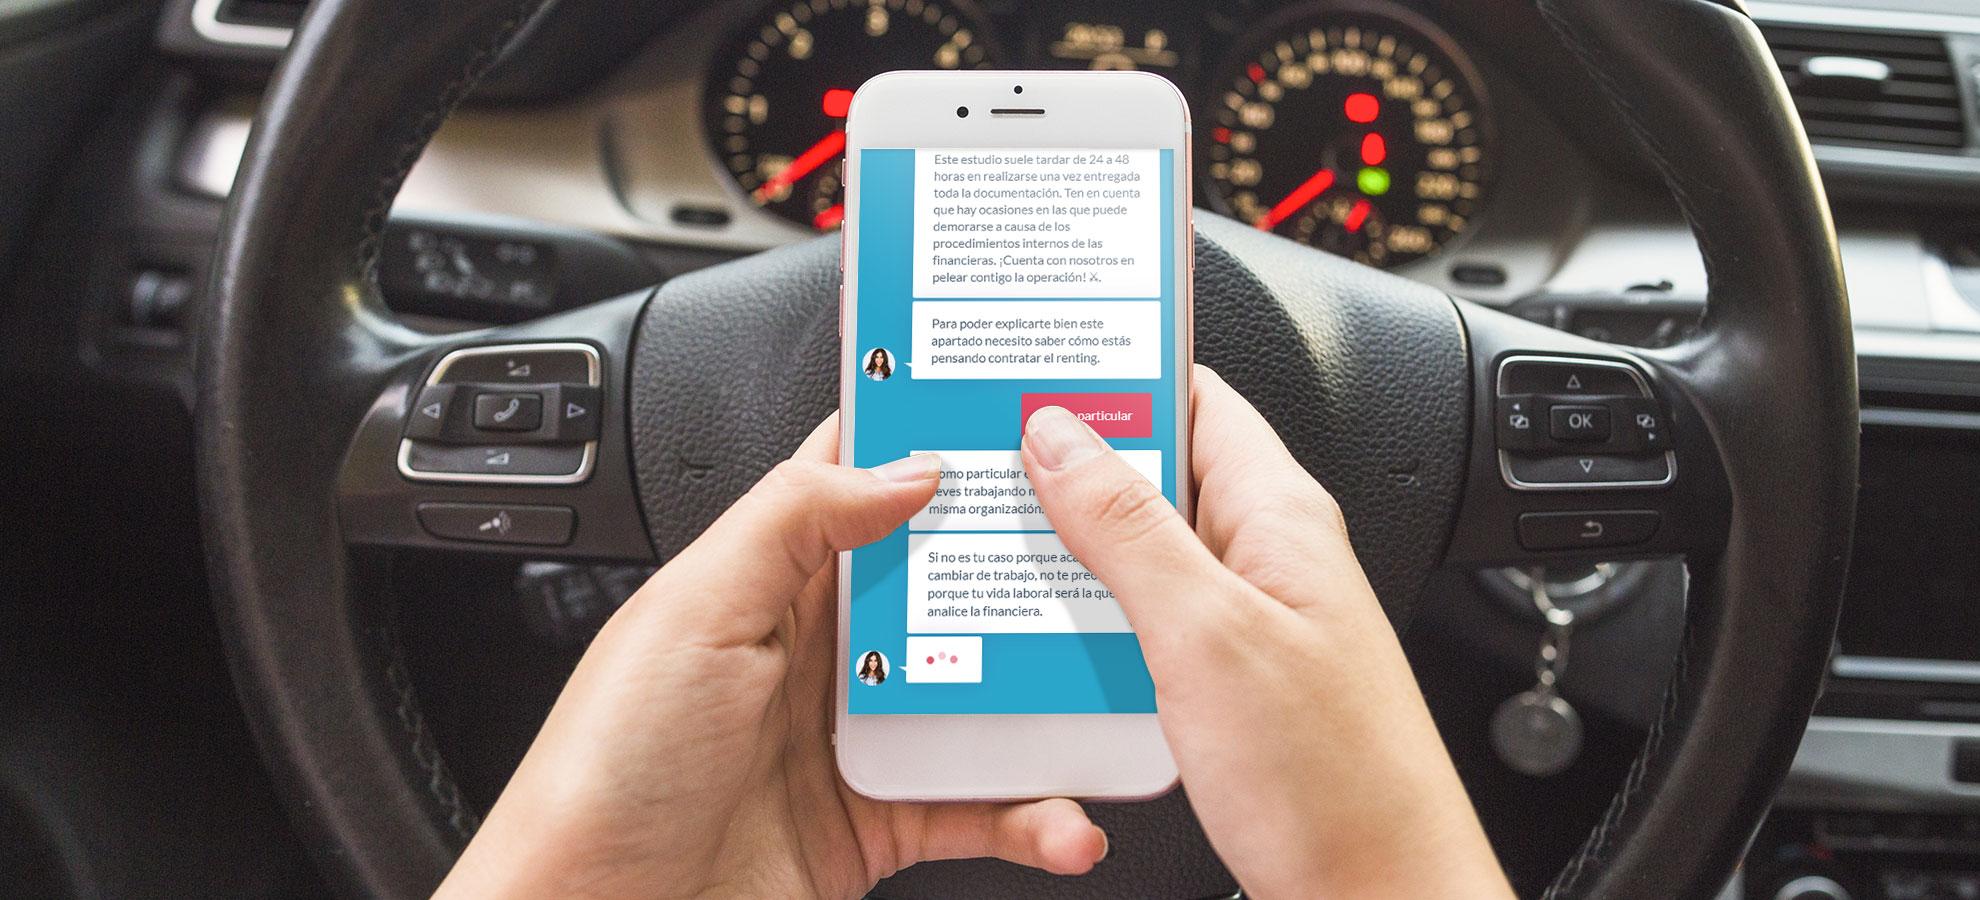 El primer chatbot que ayuda al usuario a contratar renting online